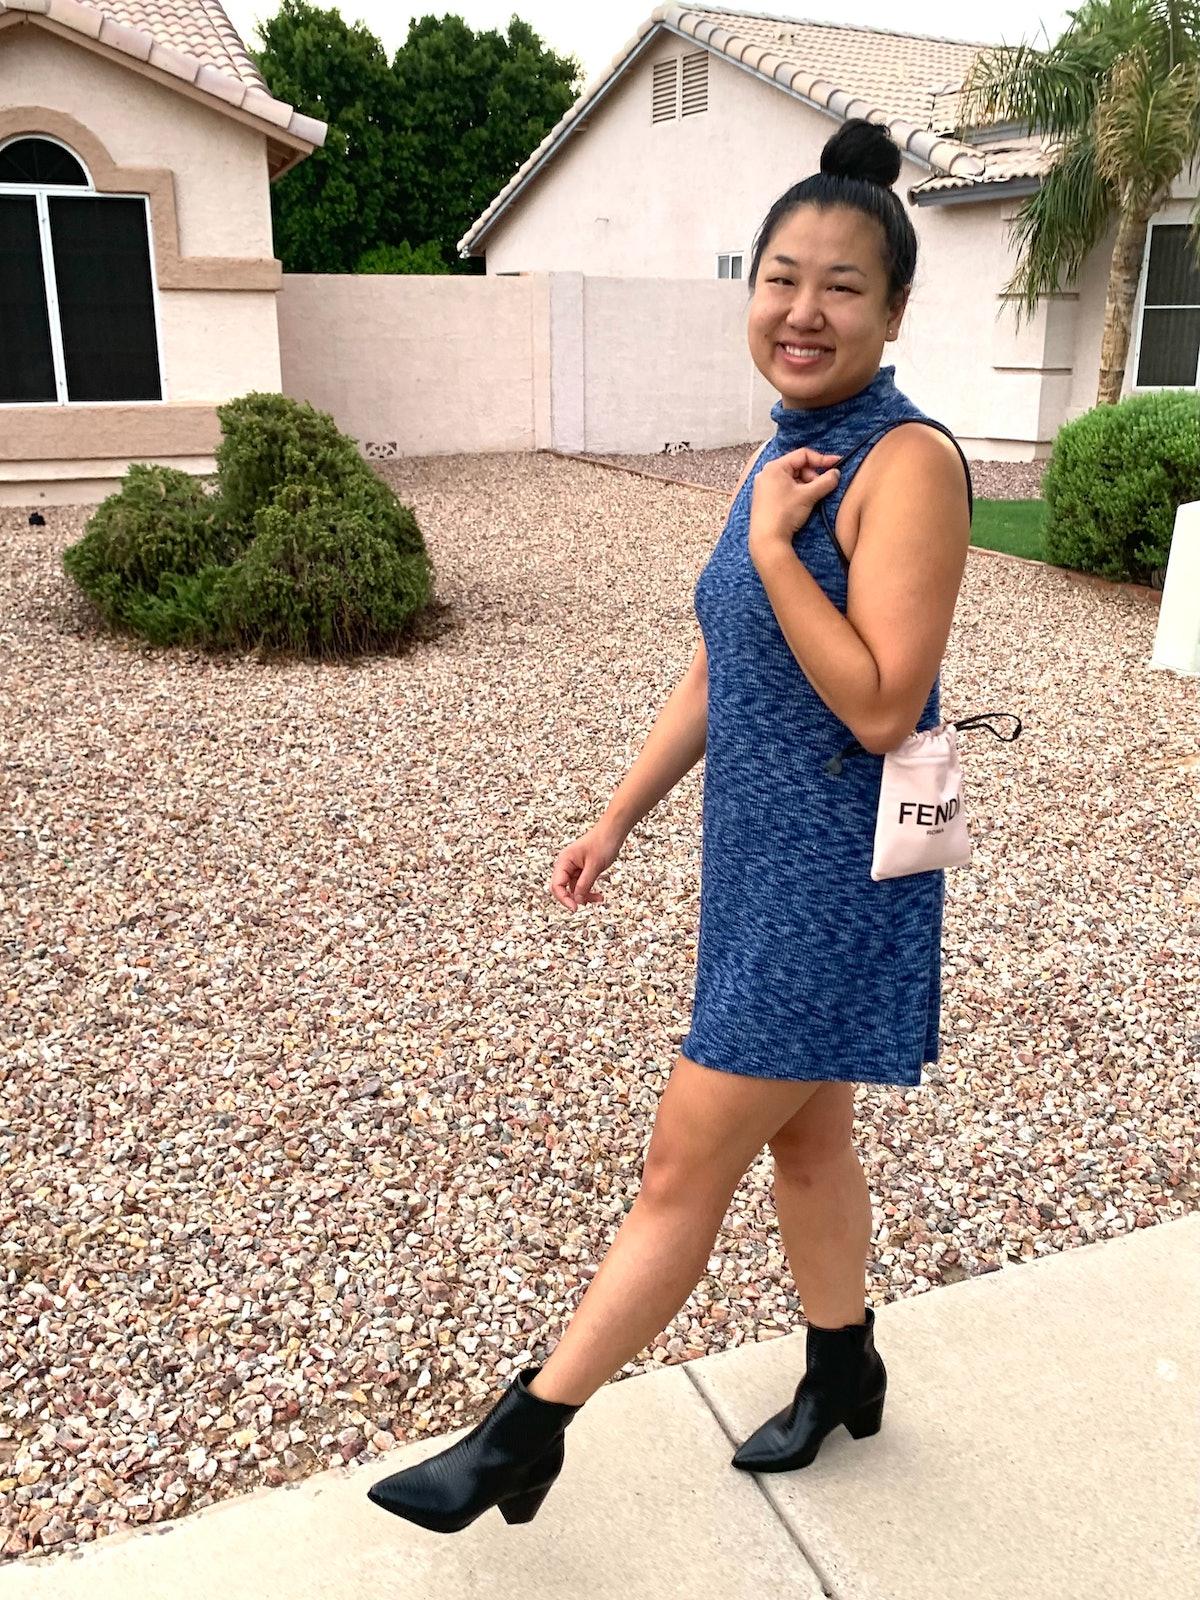 Amanda Chan carrying Fendi bag.